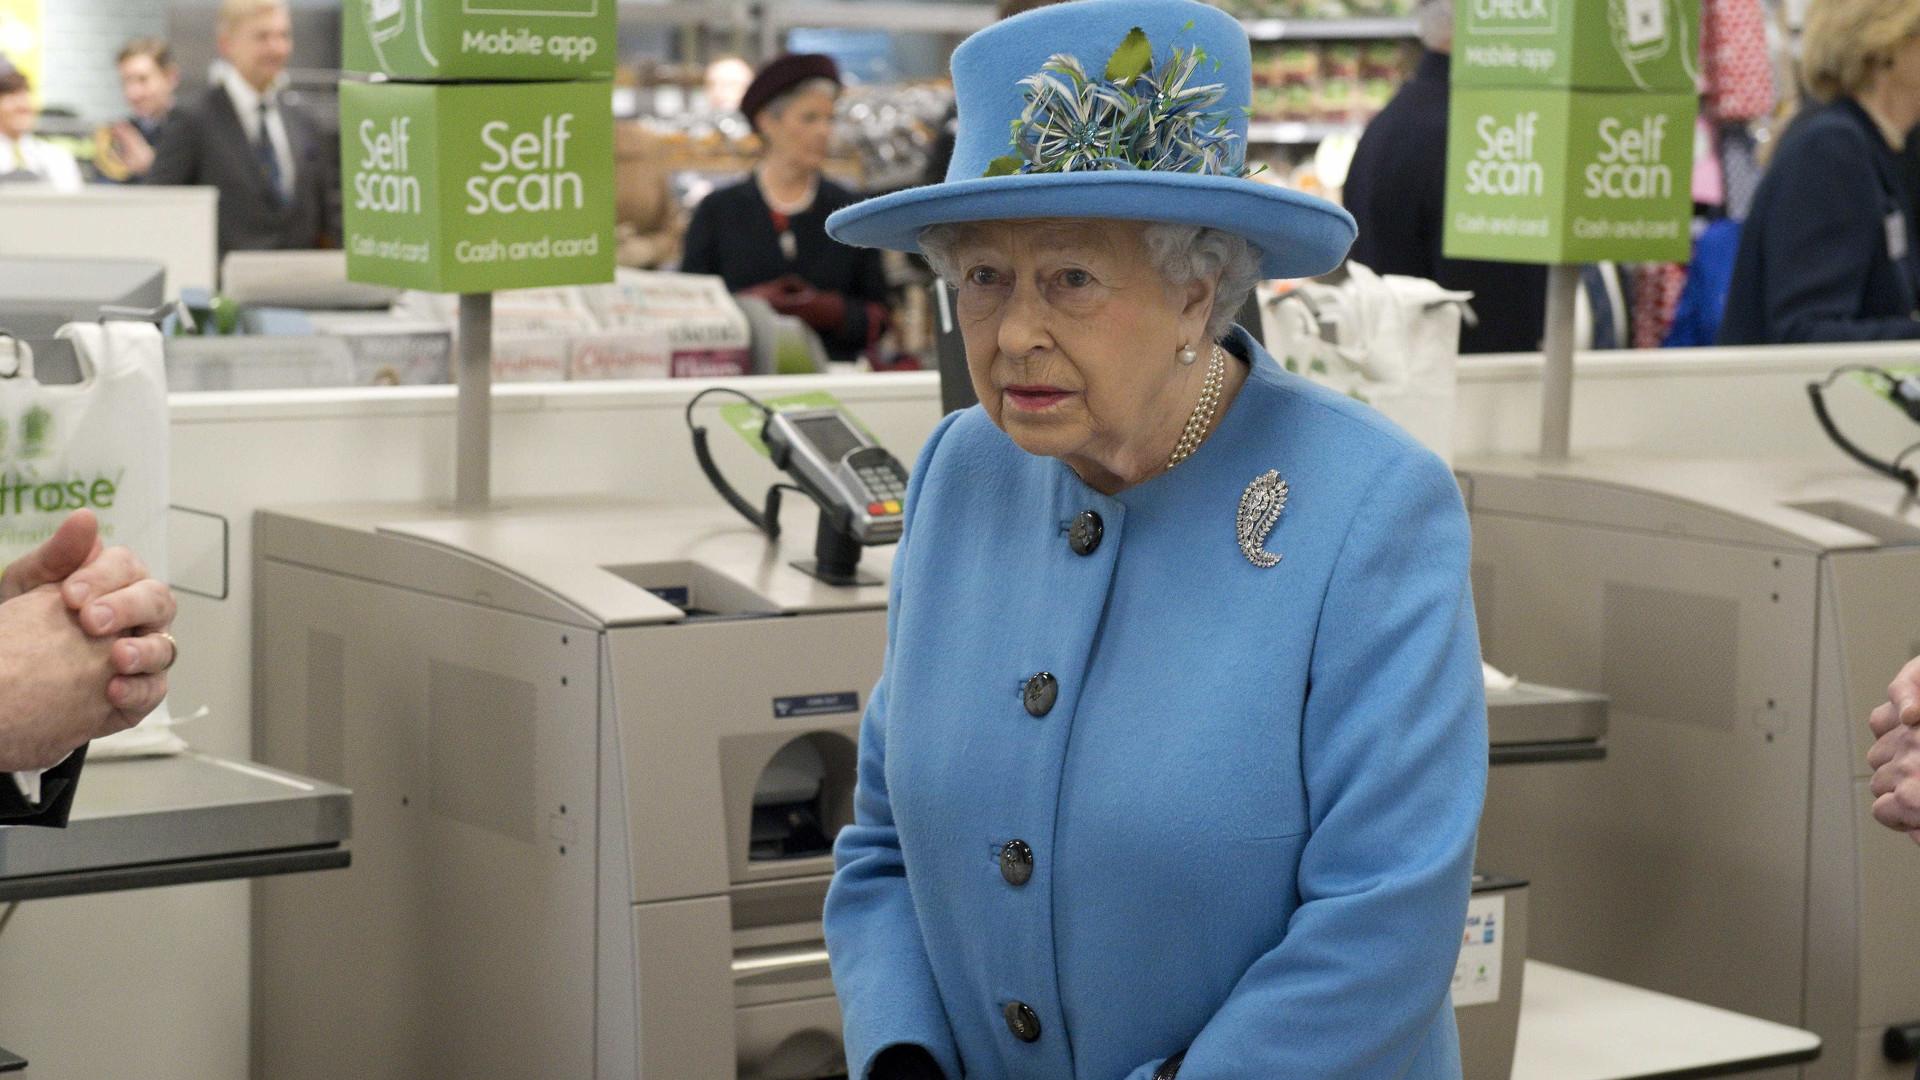 Rainha Elizabeth II visita supermercado na Inglaterra